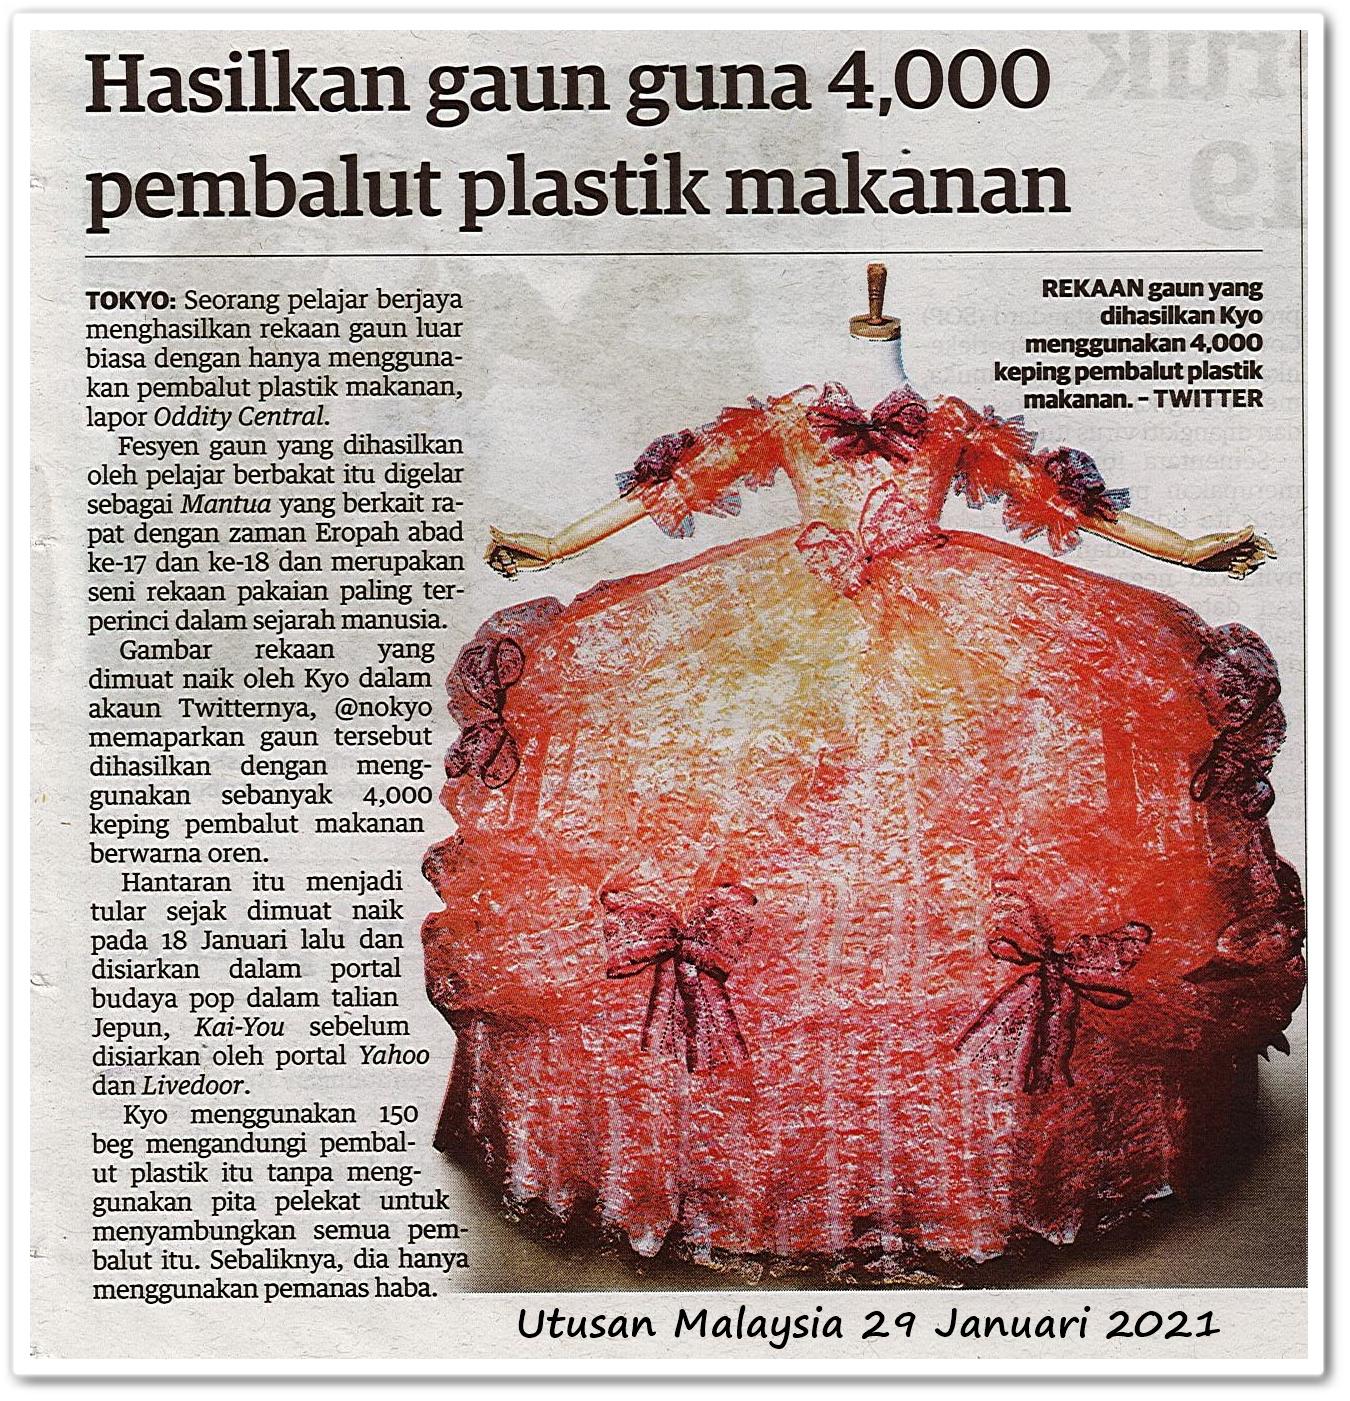 Hasilkan gaun guna 4,000 pembalut plastik makanan - Keratan akhbat Utusan Malaysia 29 Januari 2021